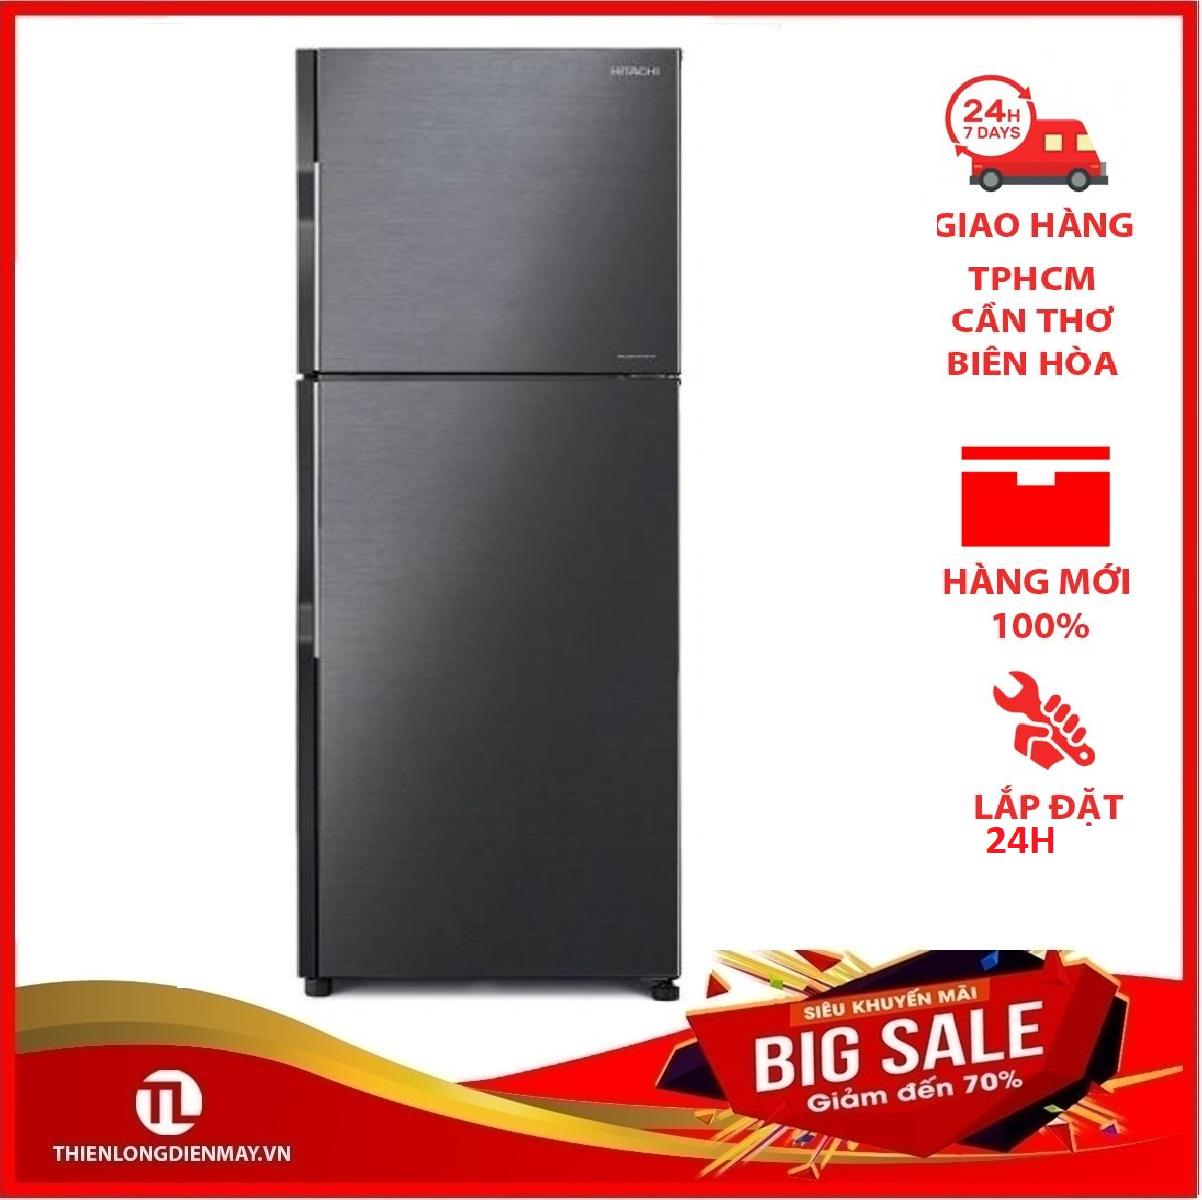 Tủ Lạnh HITACHI 230 Lít R-H230PGV7 BBK